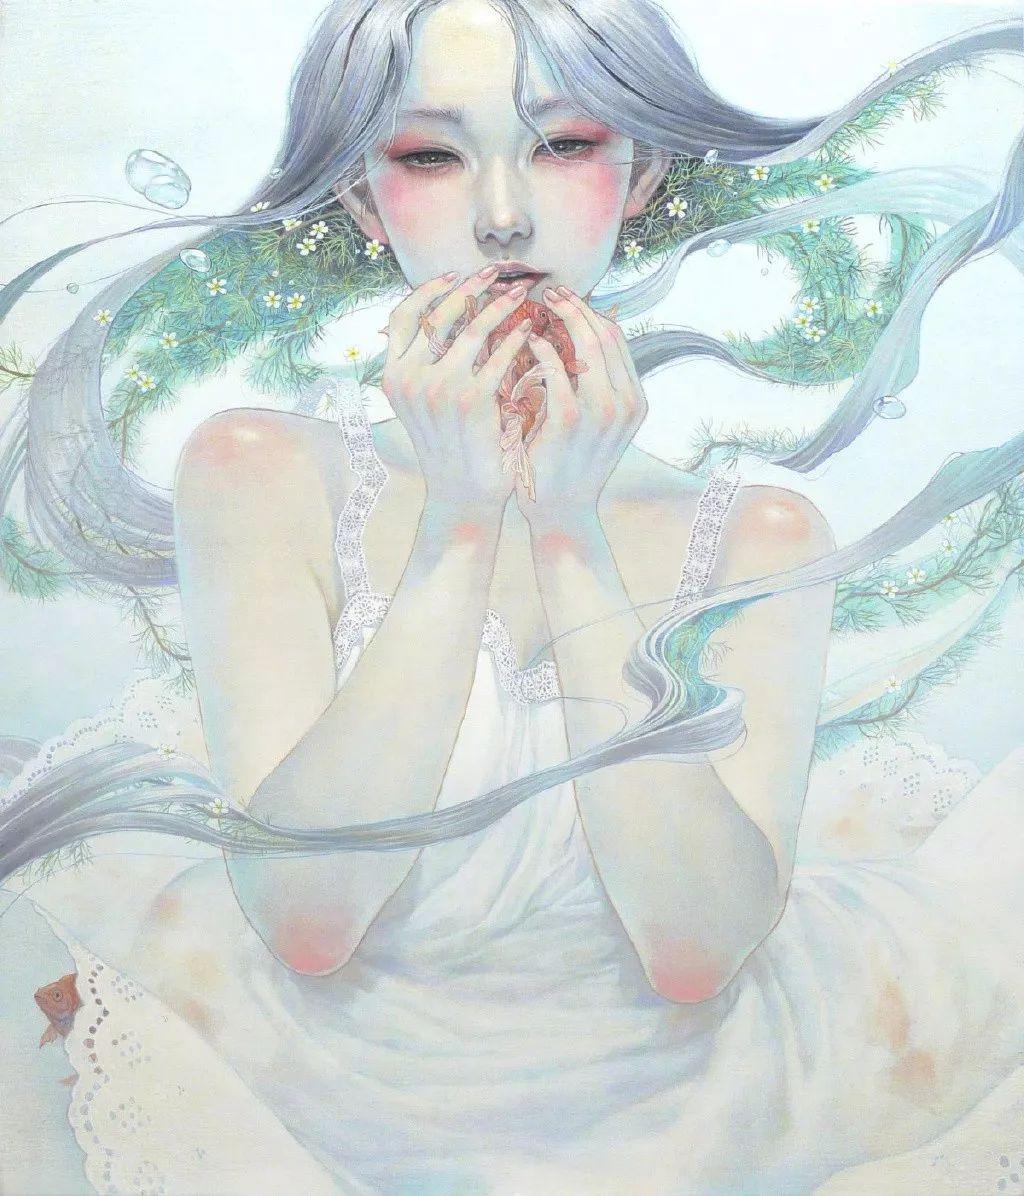 手绘素材 | 日本插画师平野実穂的一组唯美人物插画作品